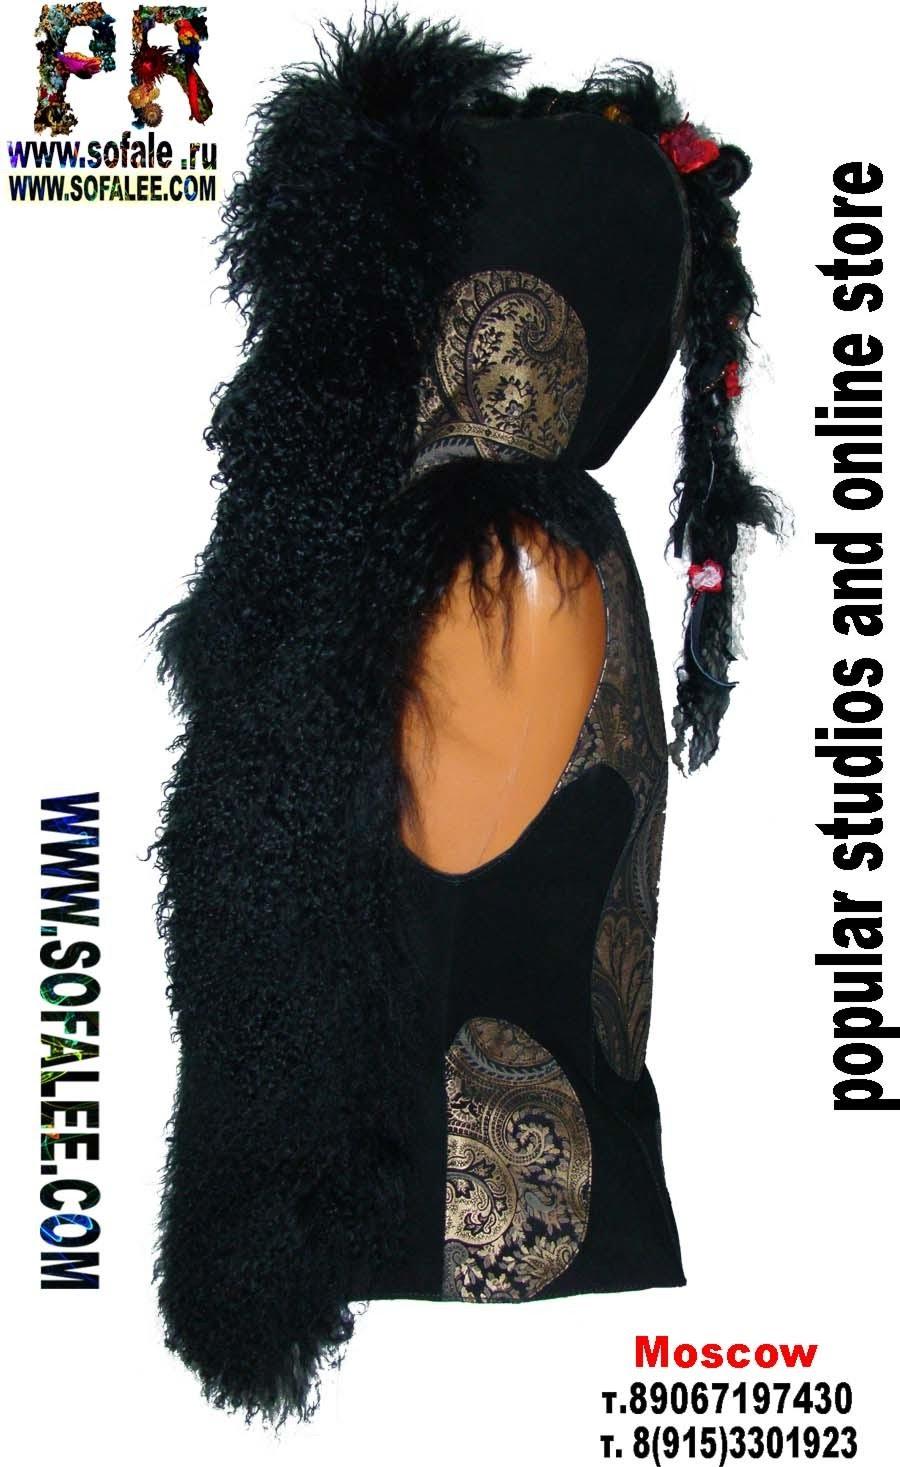 Жилет из меха ламы, замши и кожи принт фото 2